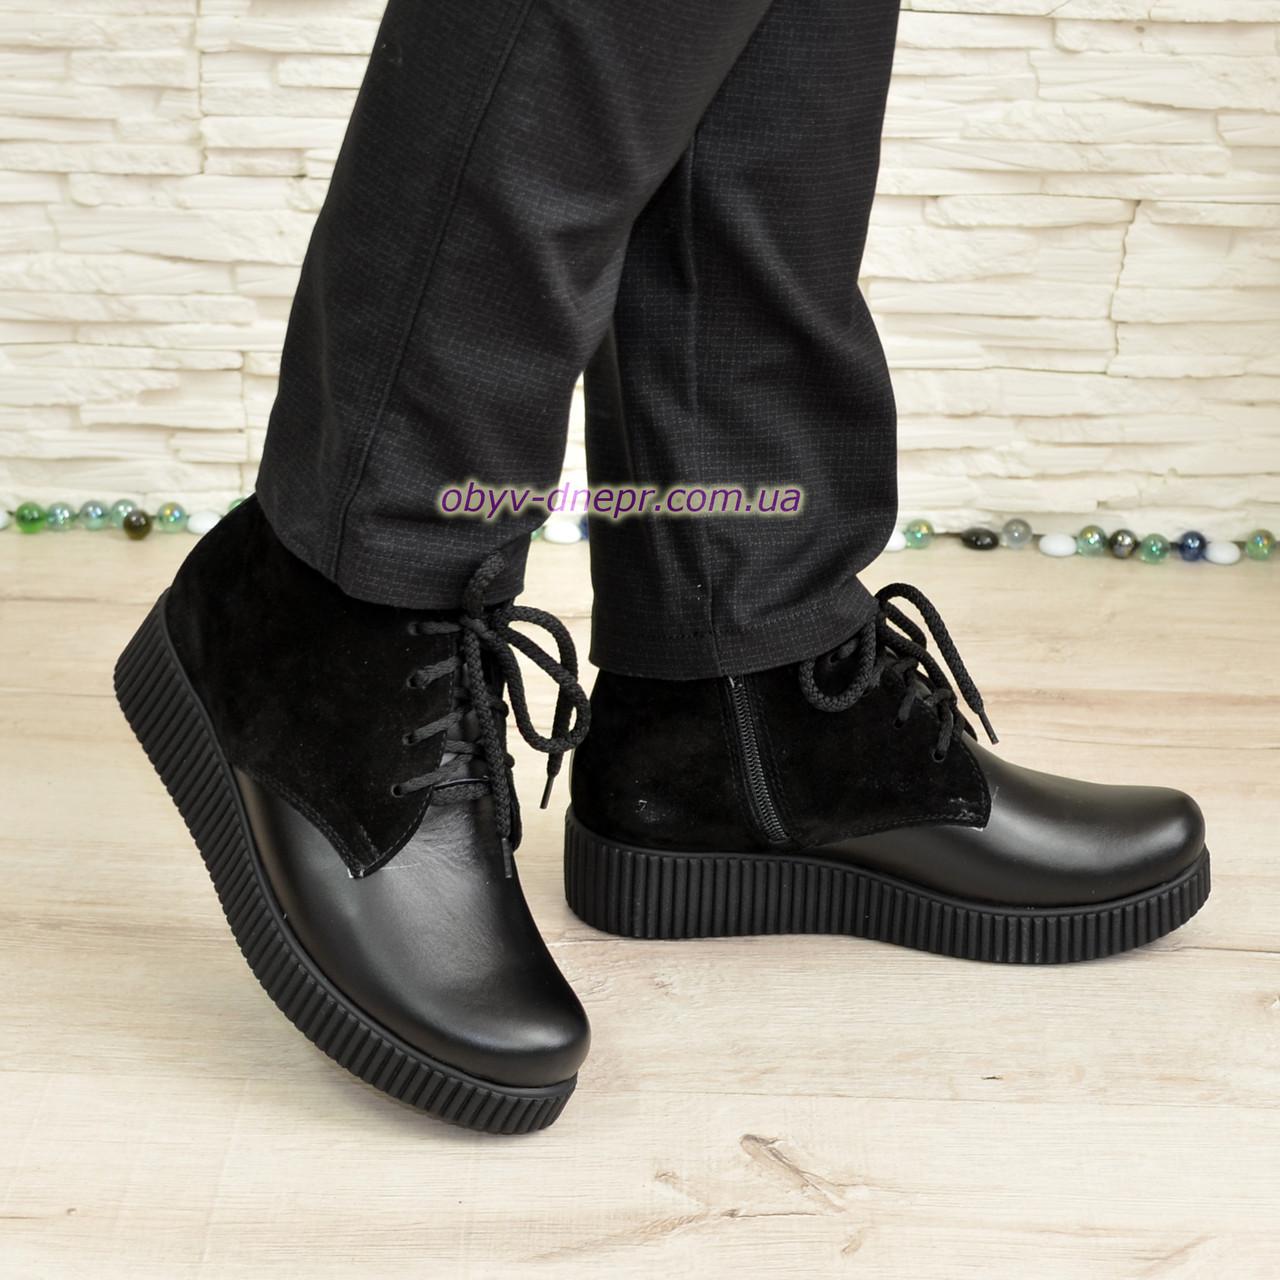 Женские демисезонные полуботинки на шнуровке, натуральный замш и кожа.